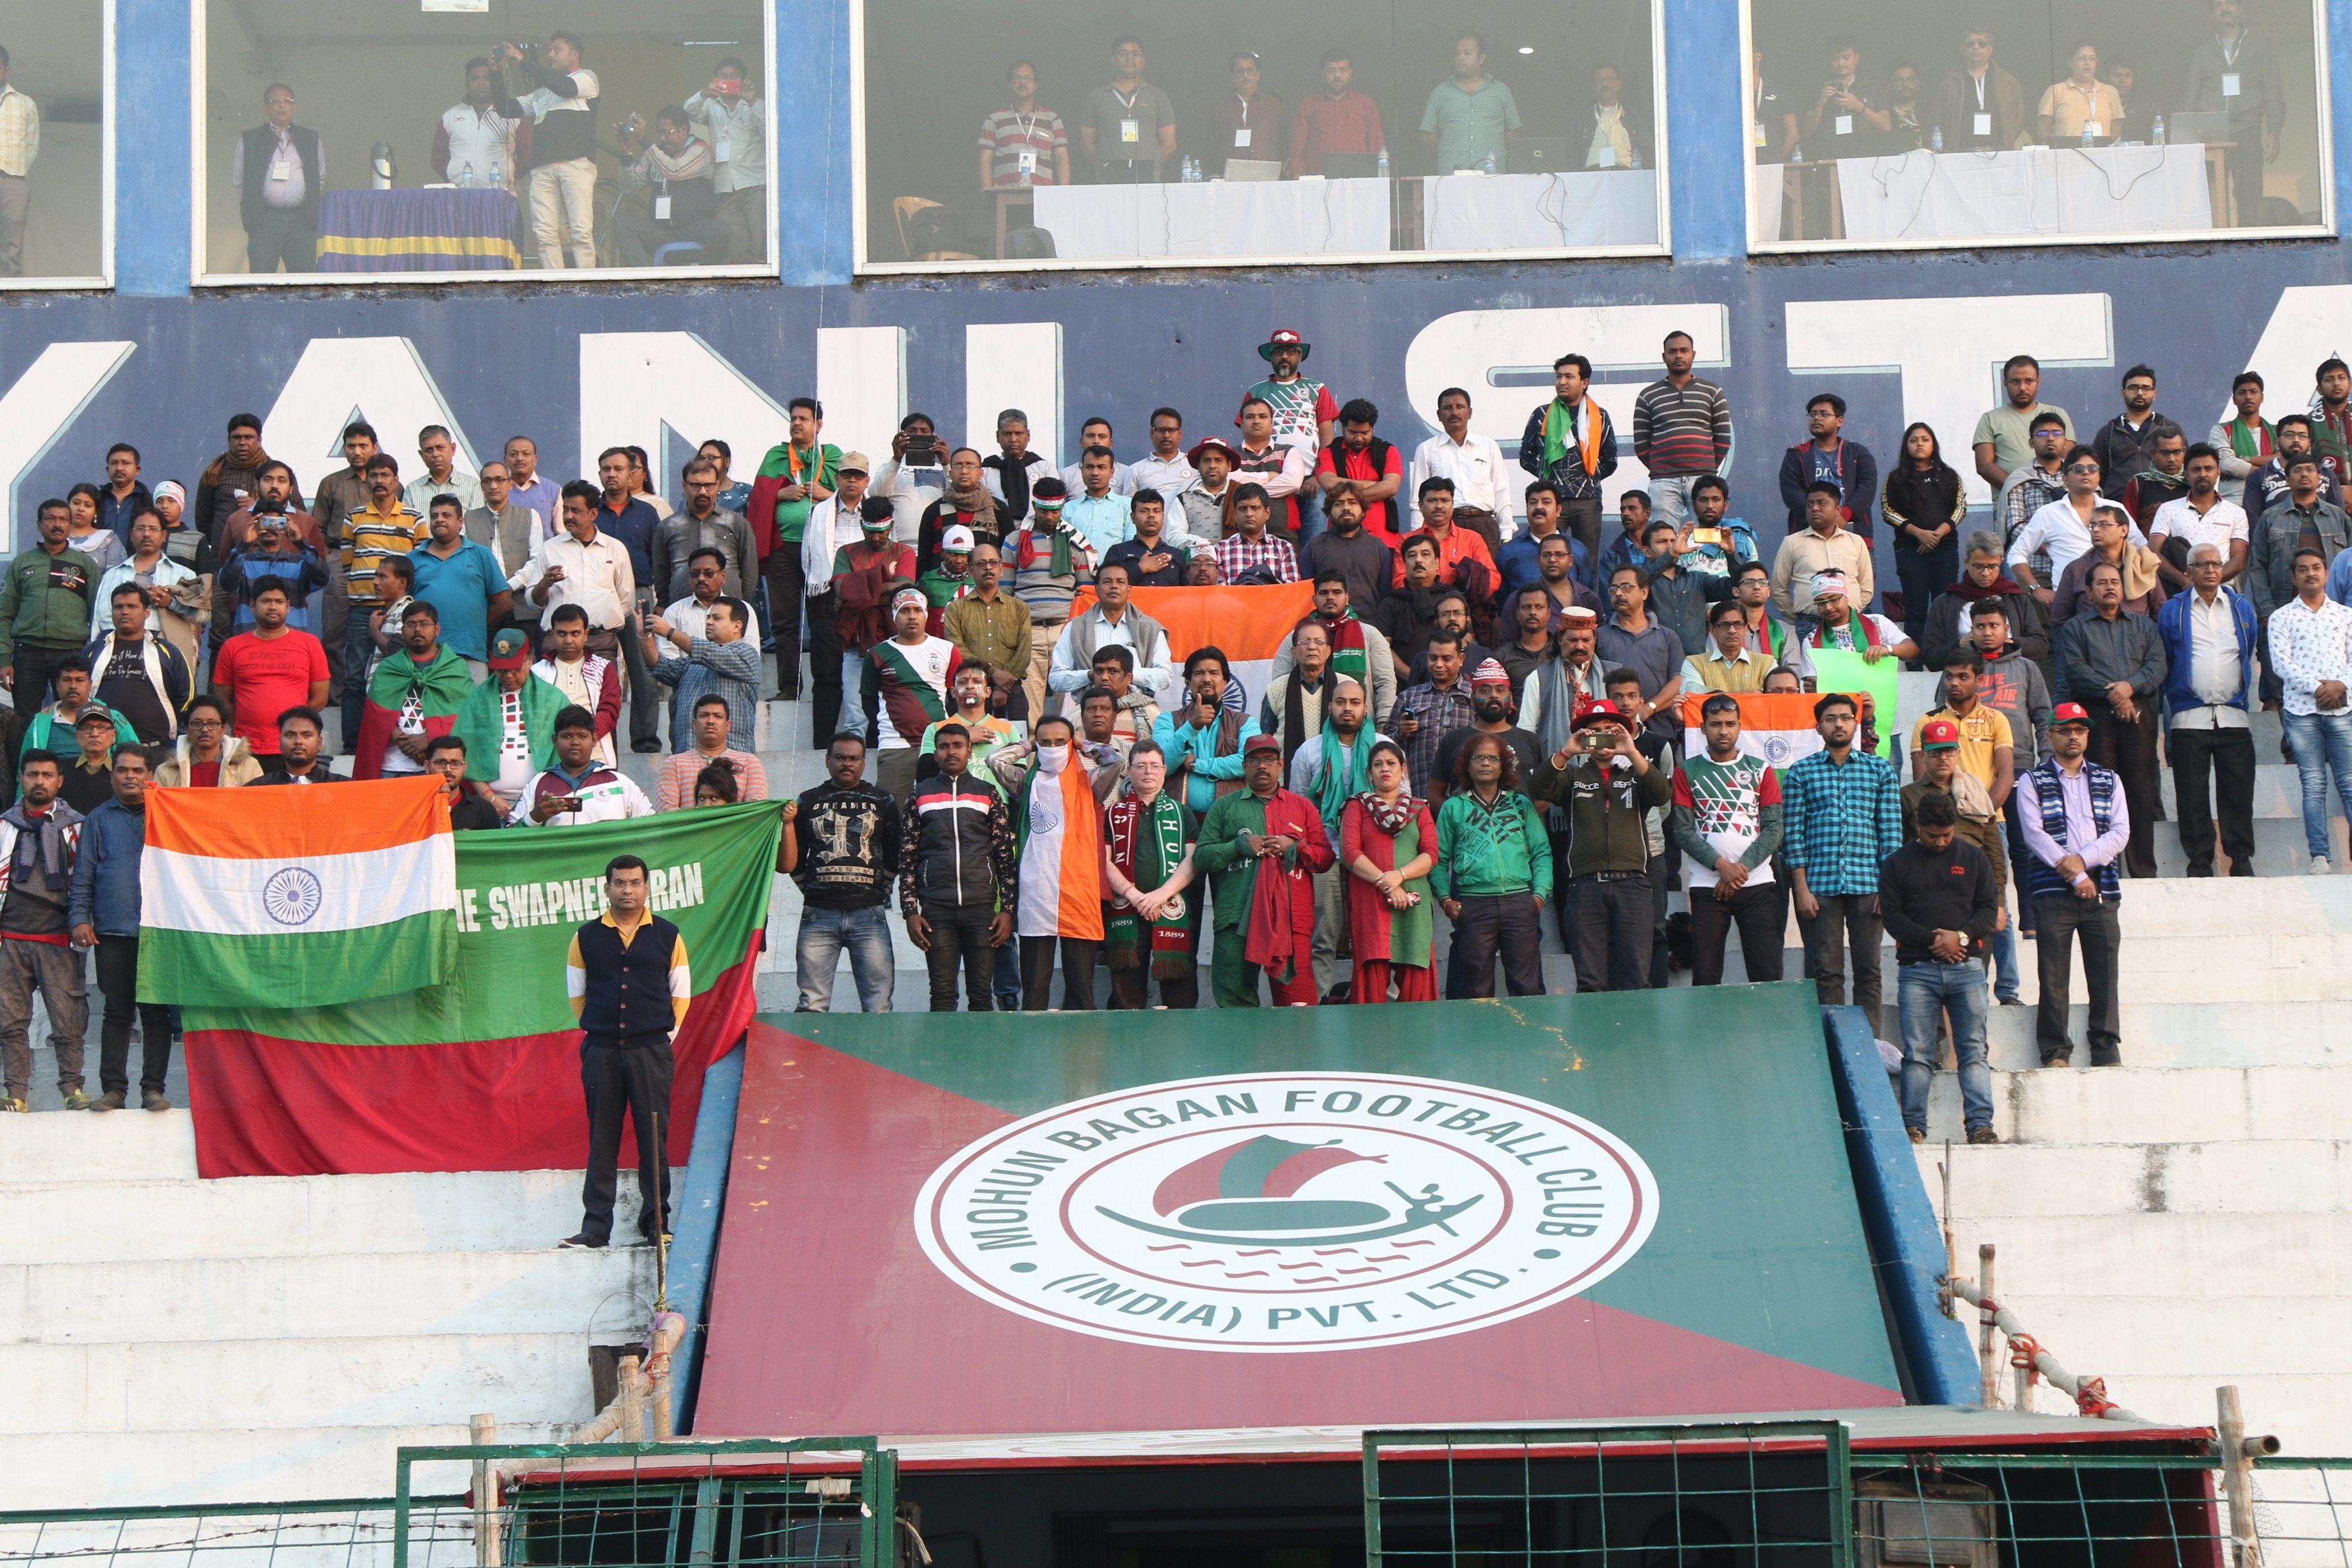 ছিল দেশভক্তিমূলক টিফো। শ্রদ্ধা জানানো হয় শহিদ জওয়ানদের। (ছবি সৌজন্য টুইটার @IndianFootball)